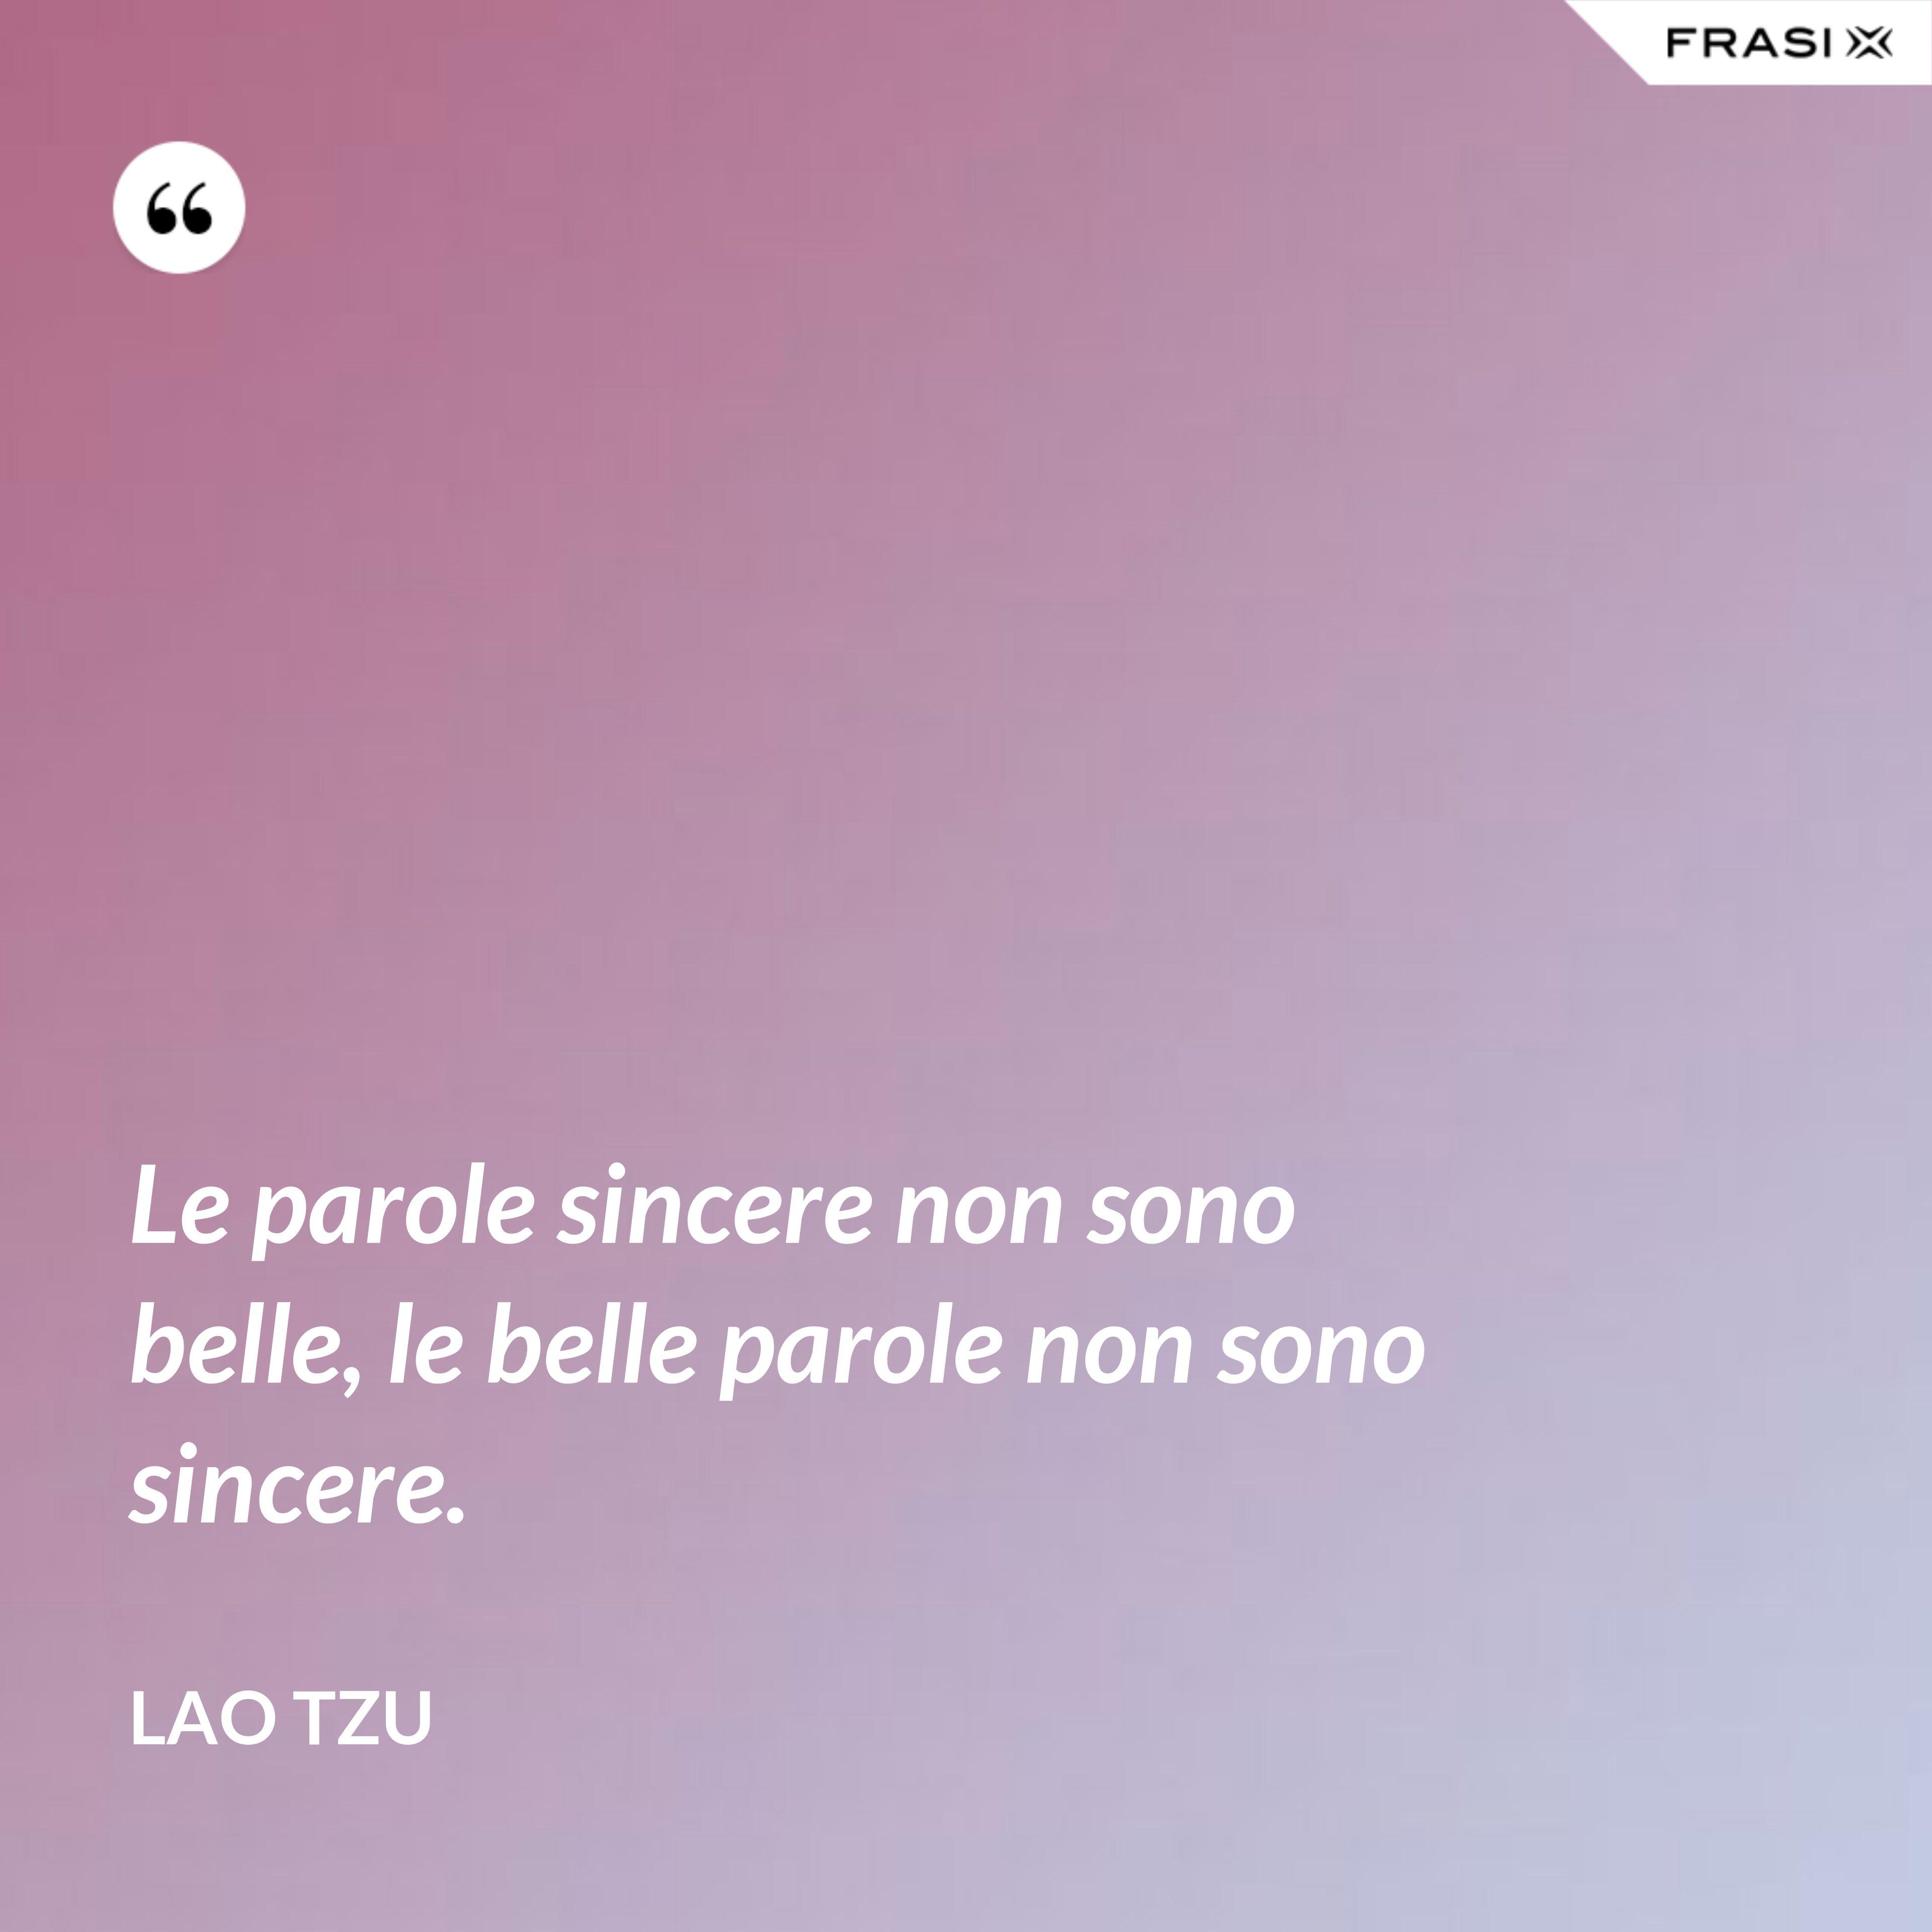 Le parole sincere non sono belle, le belle parole non sono sincere. - Lao Tzu